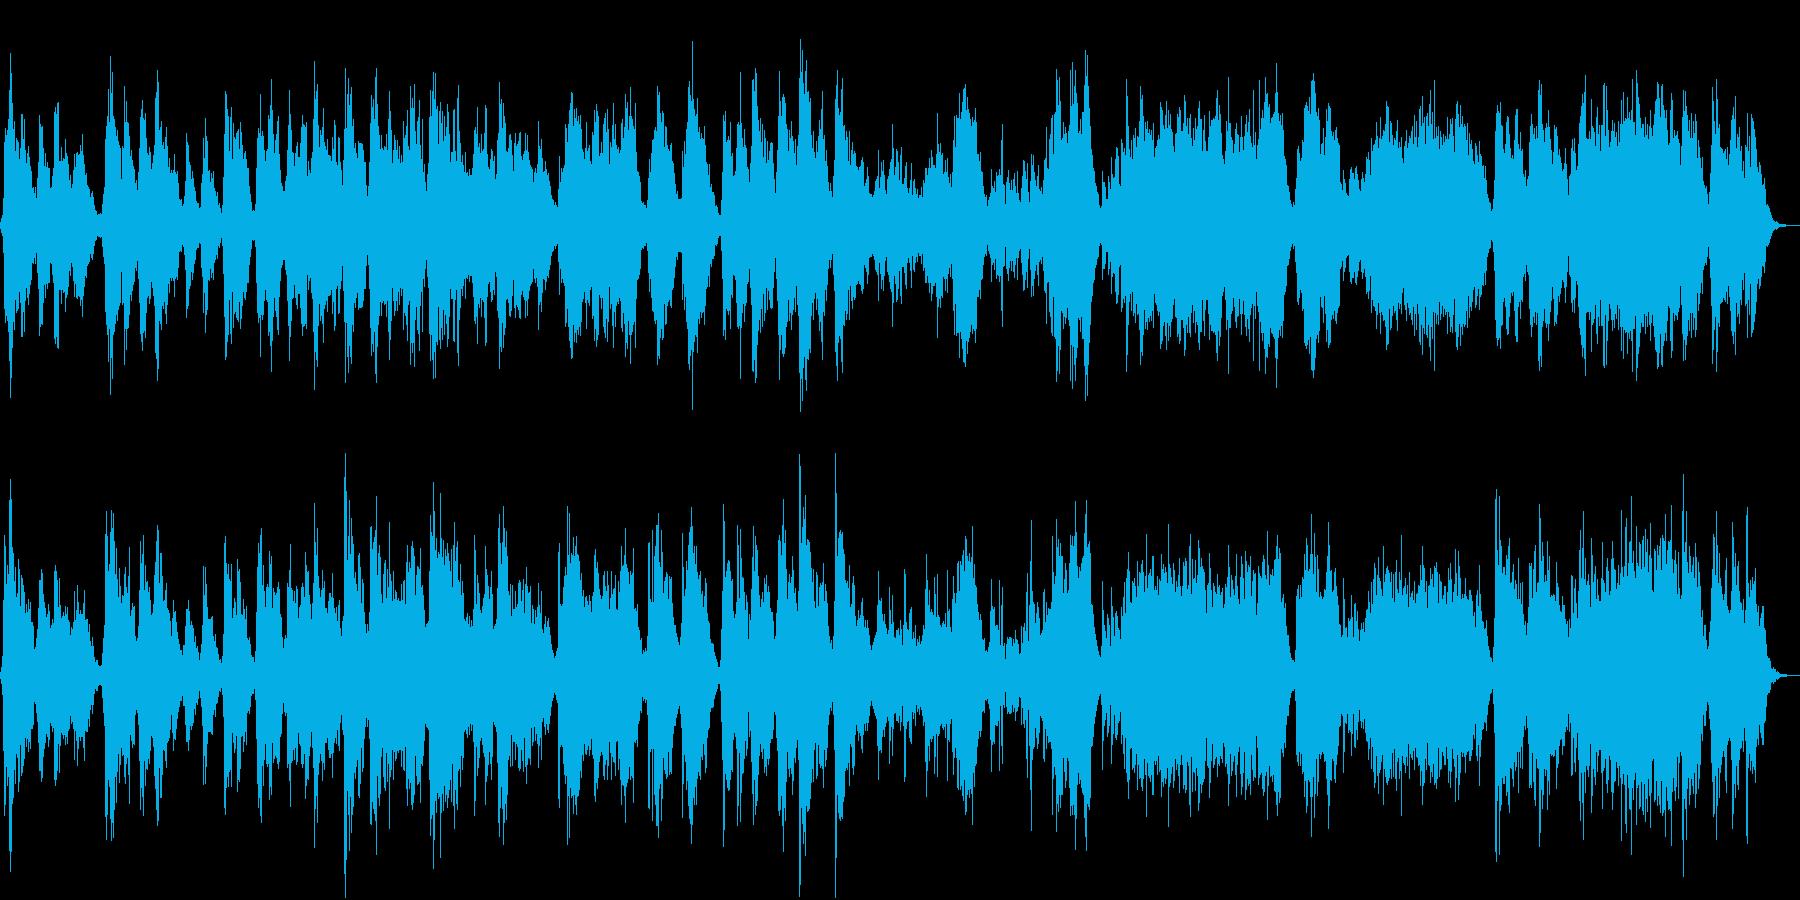 パッド系中心の心が落ち着くBGMの再生済みの波形